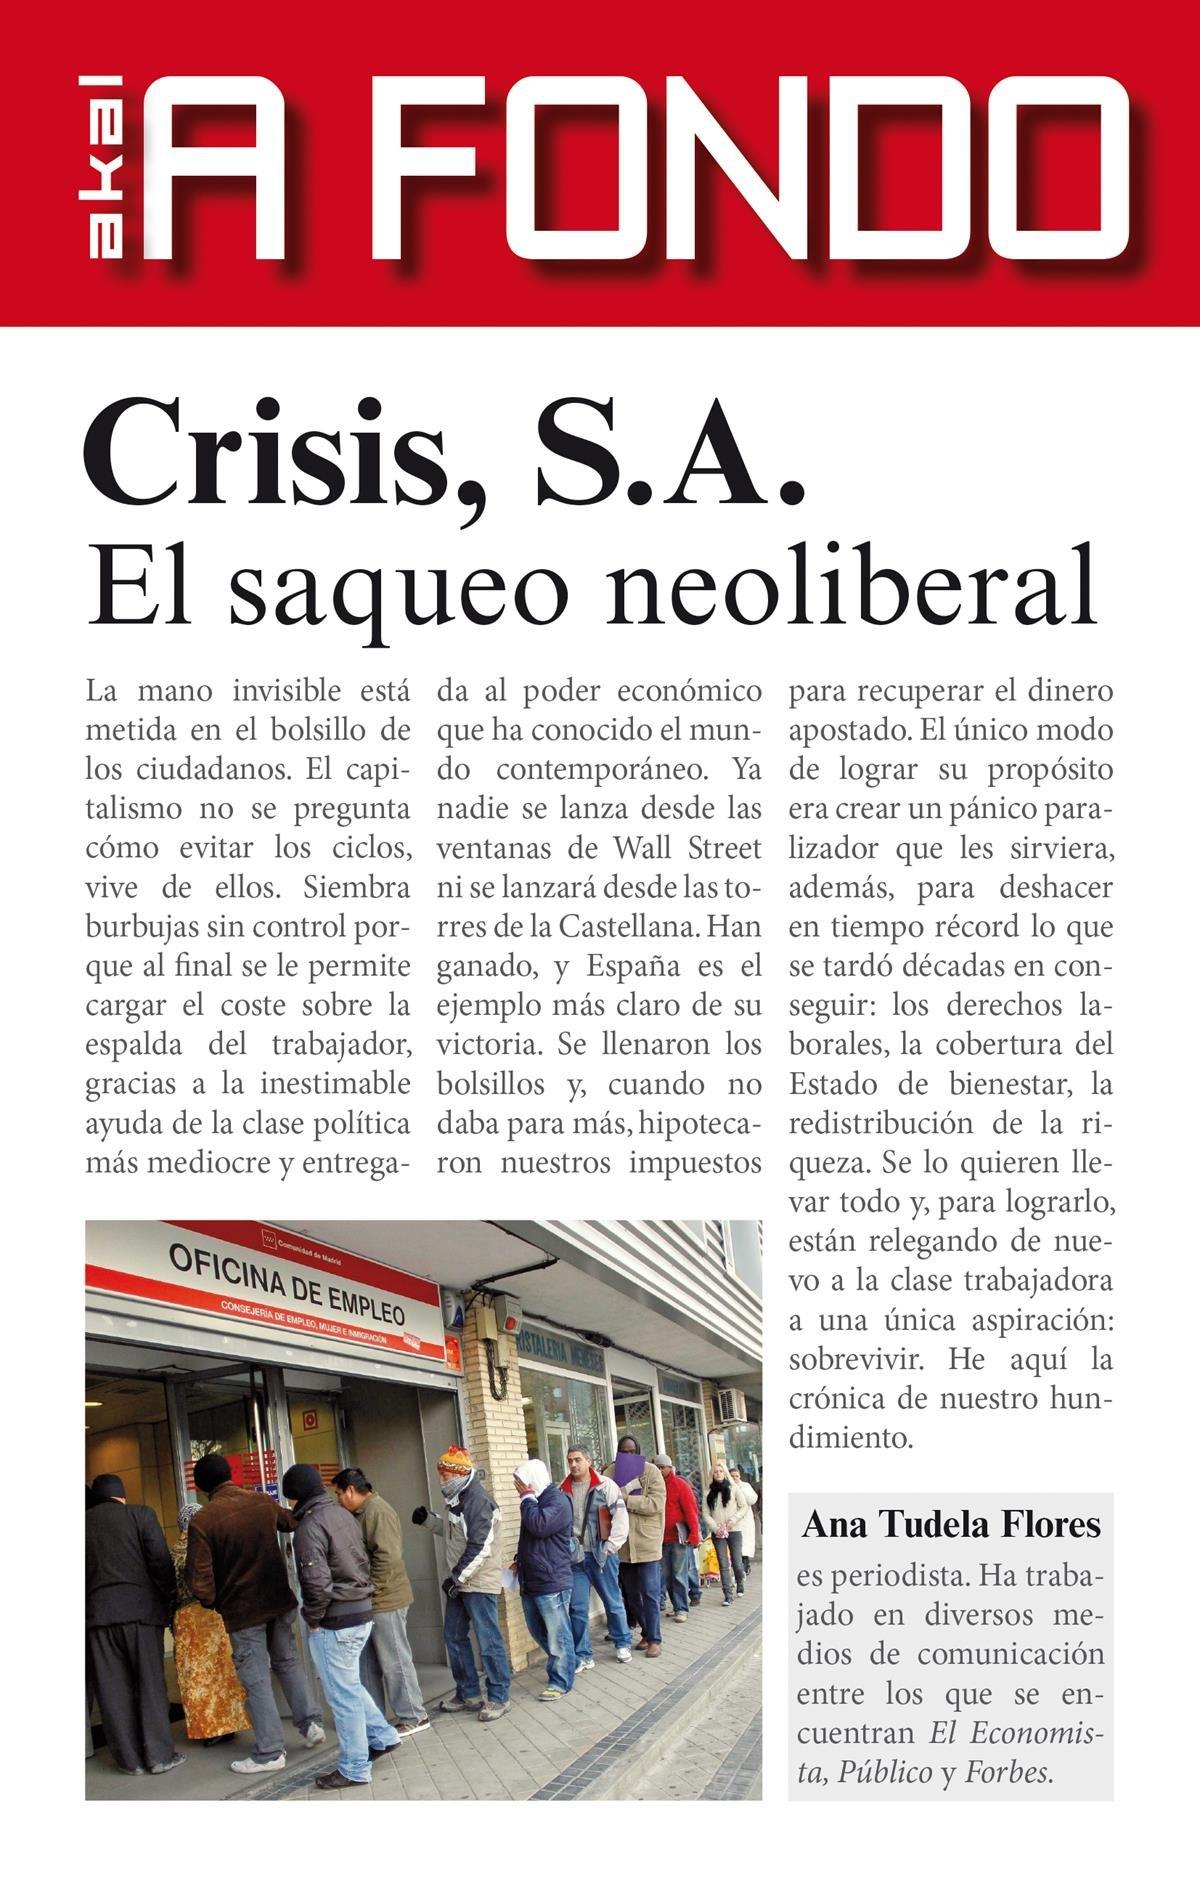 Crisis S.A.. El saqueo neoliberal: Volume 2 (A fondo): Amazon.es: Tudela Flores, Ana: Libros